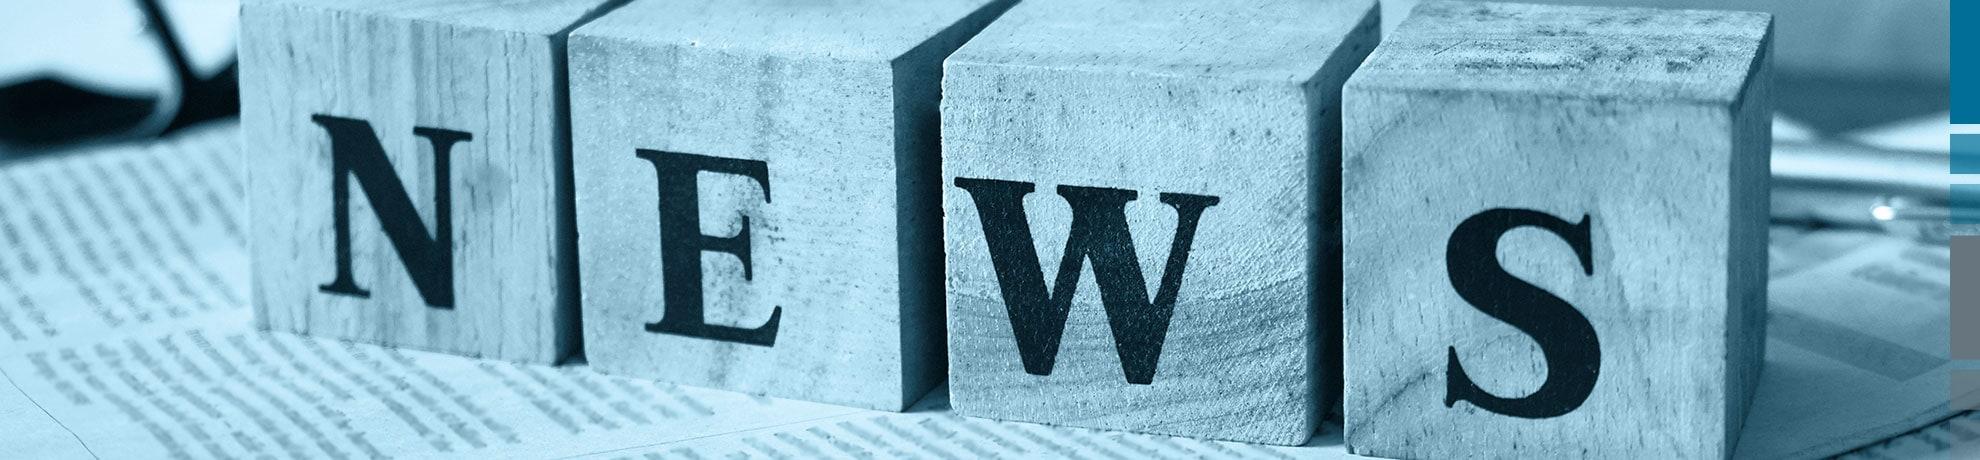 News als Schriftzug auf vier Holzblöcken.